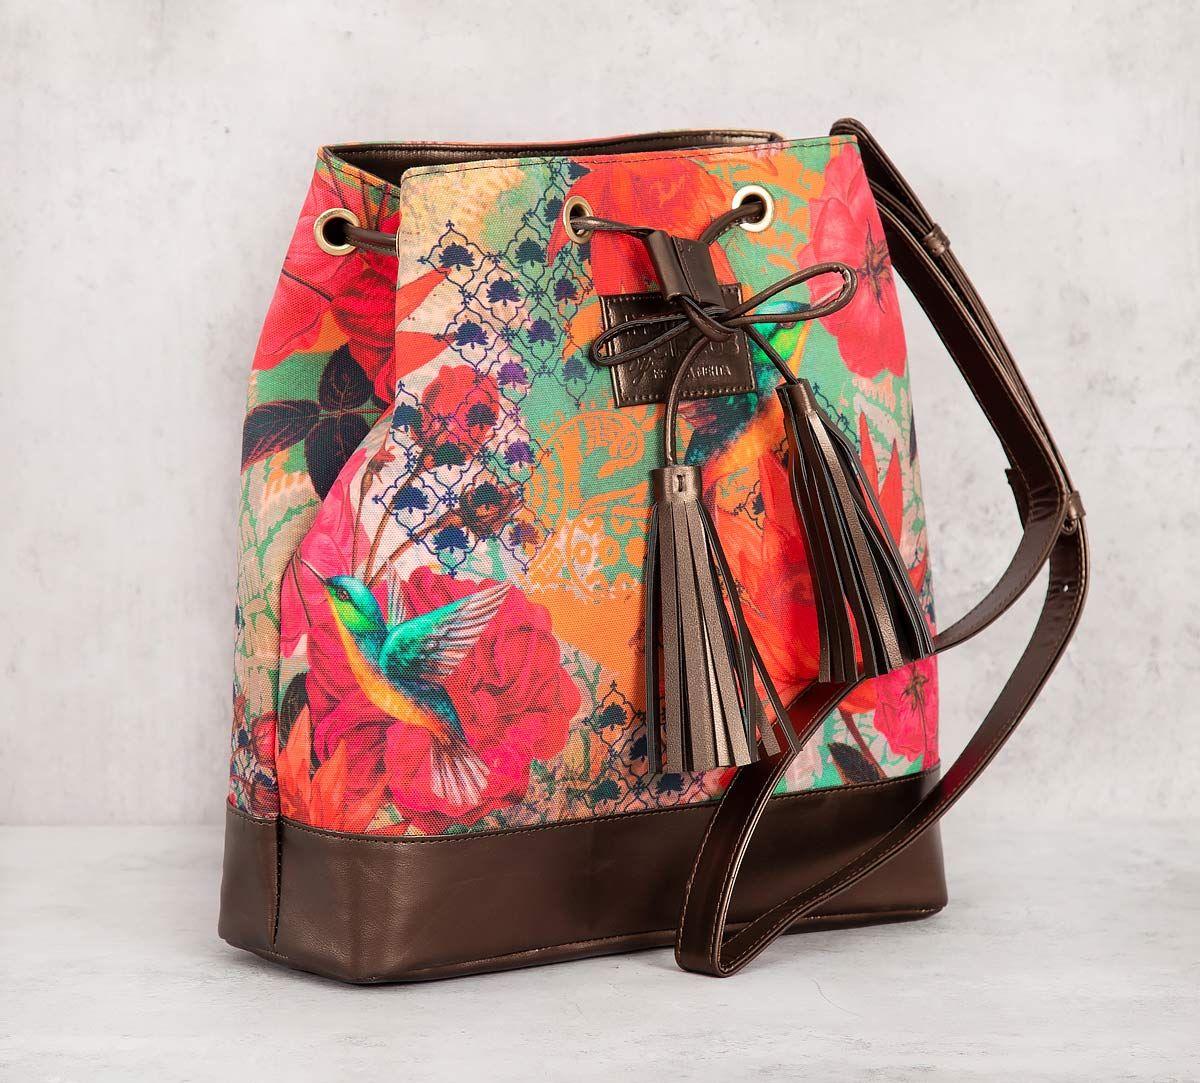 India Circus Floral Kingdom Hobo Bag